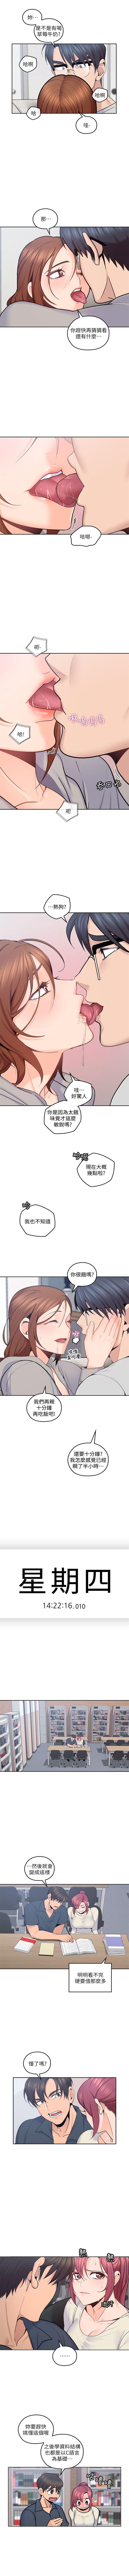 (週4)親愛的大叔 1-39 中文翻譯(更新中) 95